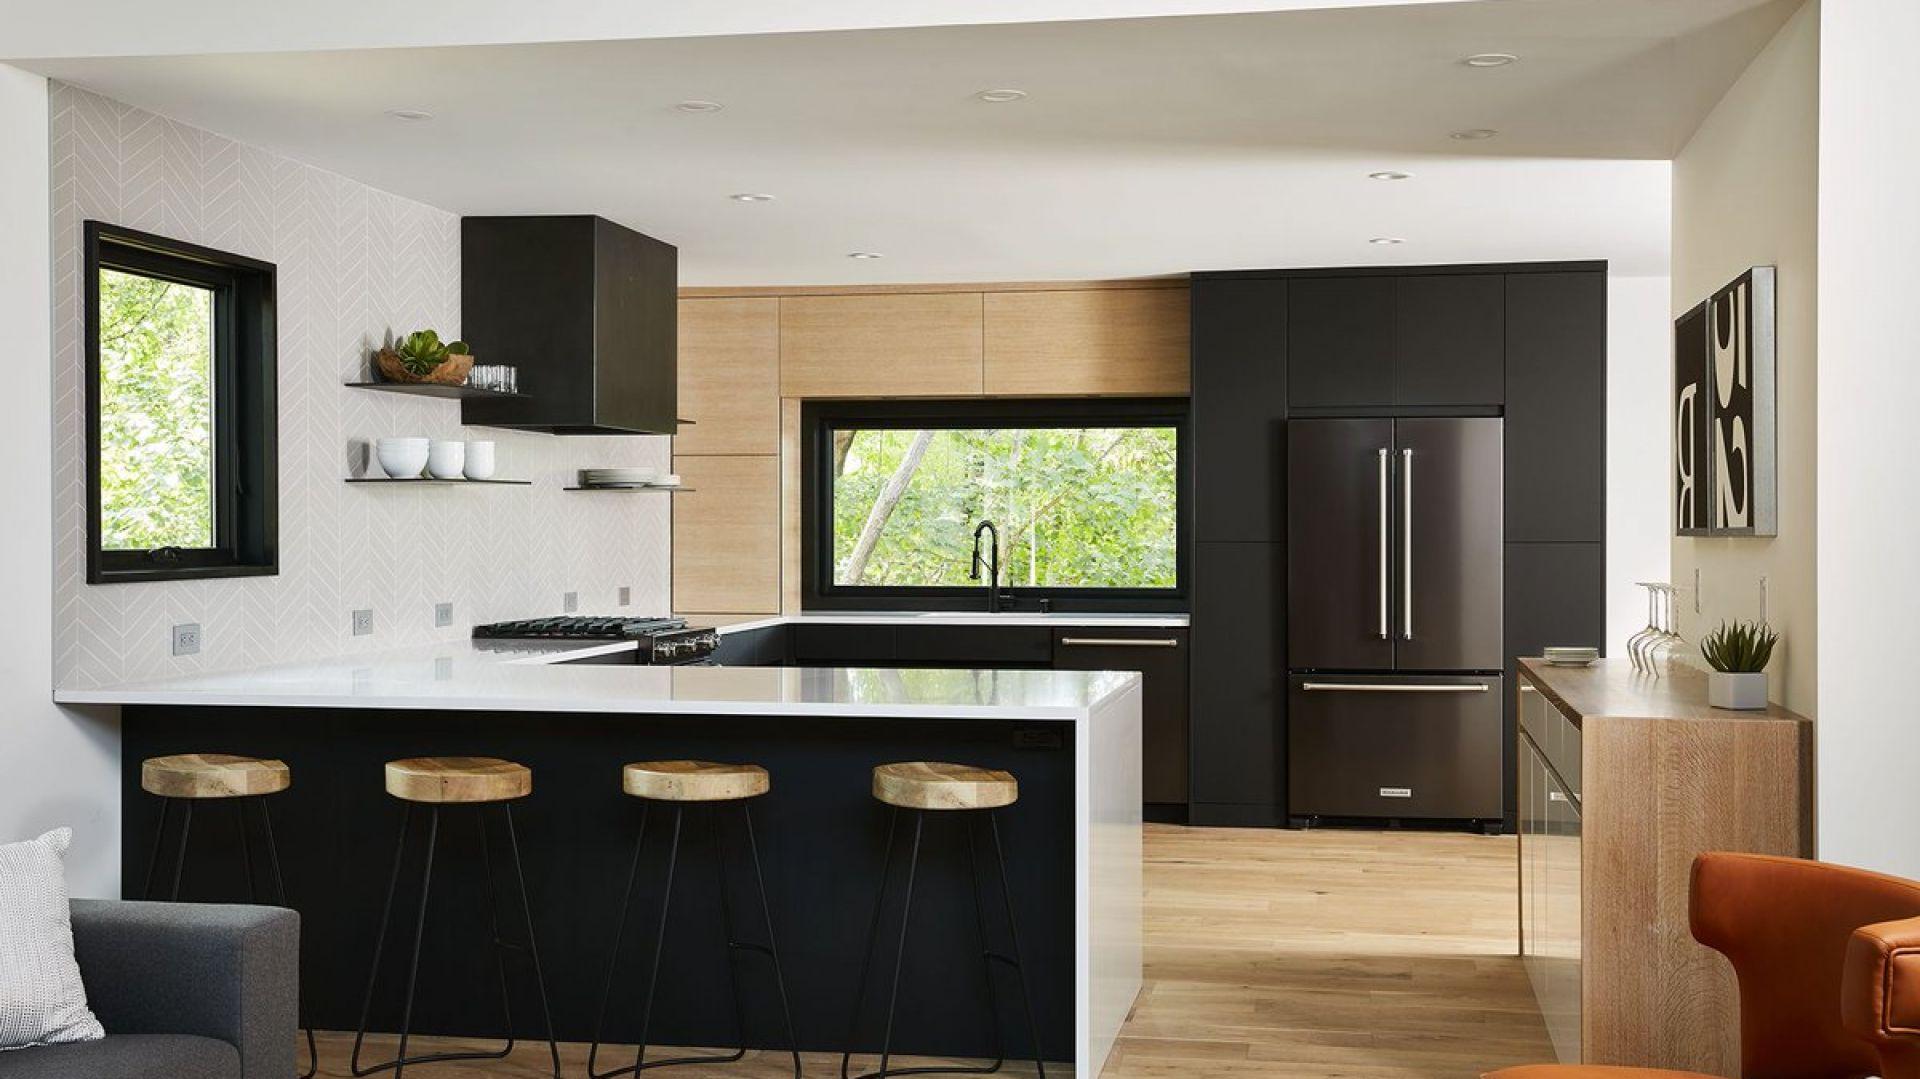 Fronty kuchenne: matowy akryl w czarnym kolorze. Fot. Rehau